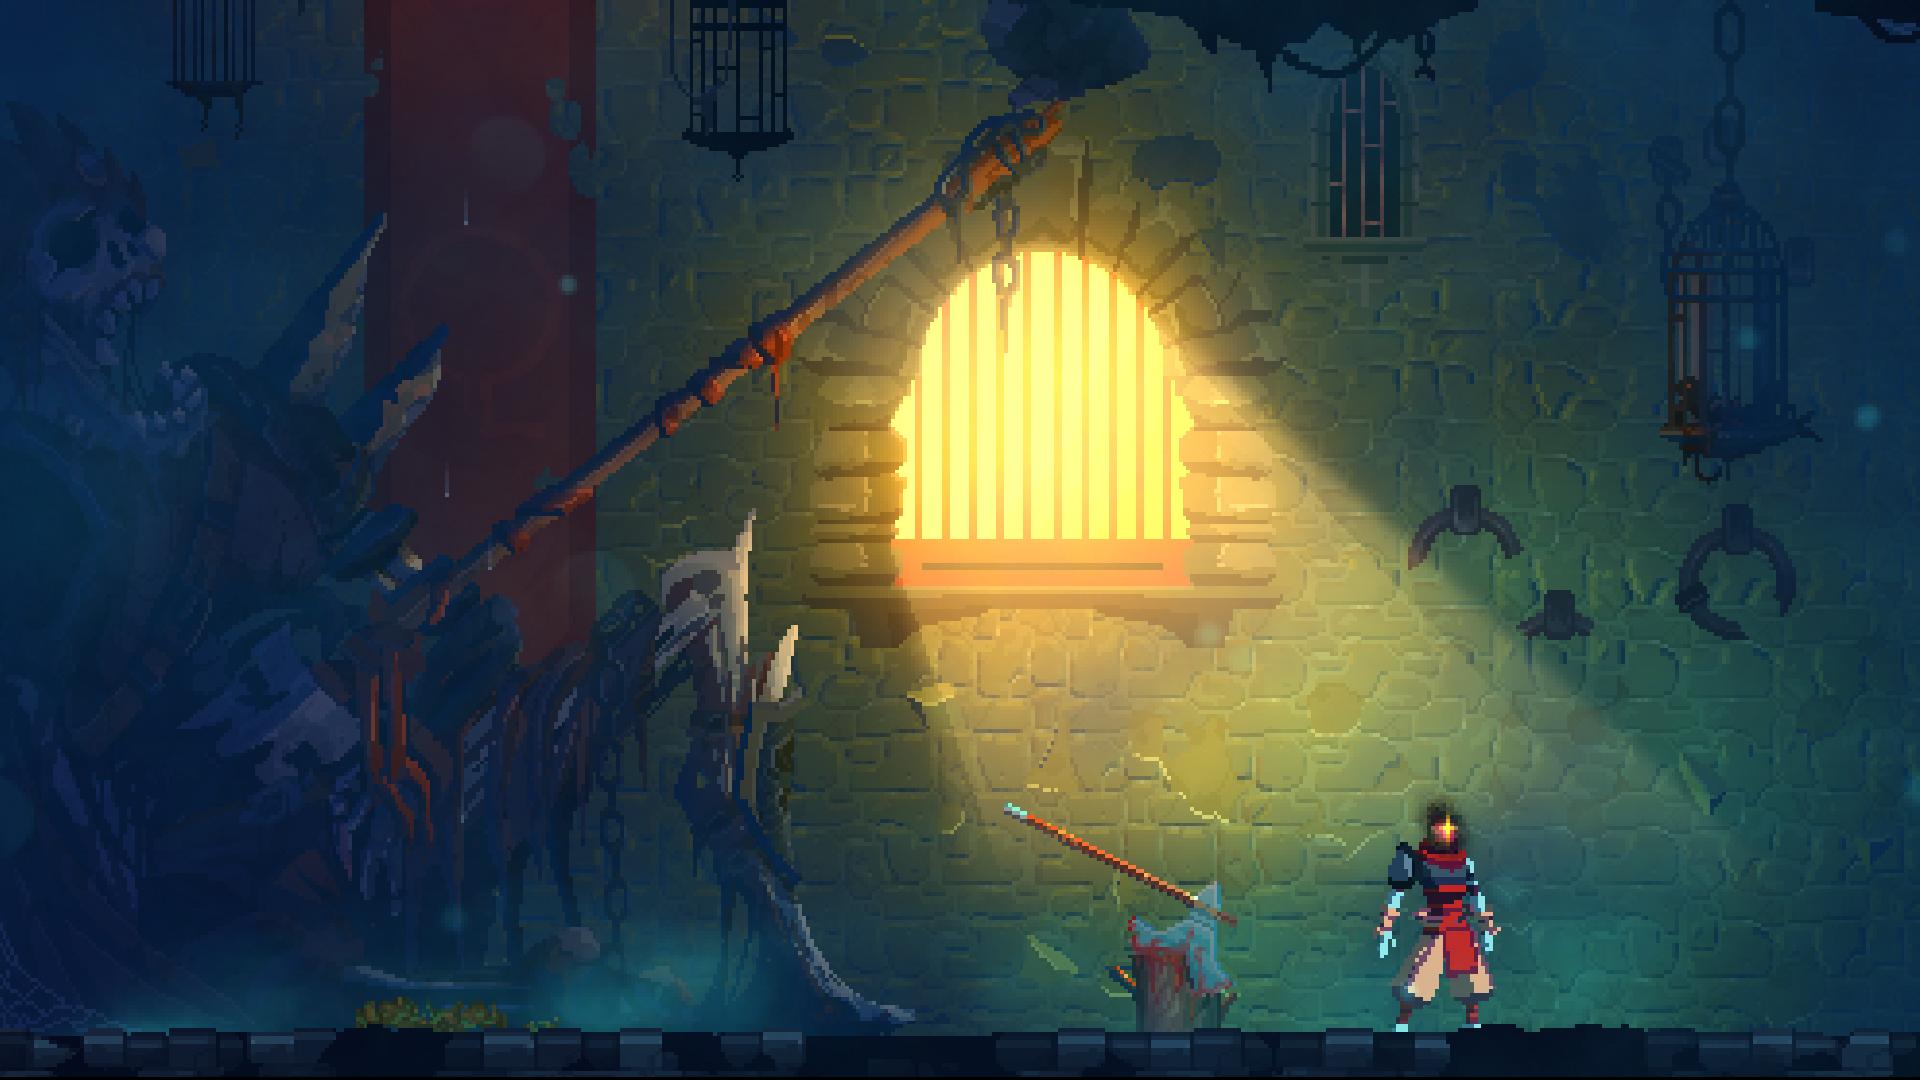 死亡细胞-豪华版V25.915-(全DLC-坏种+巨人崛起+致命坠落+原声带)插图6